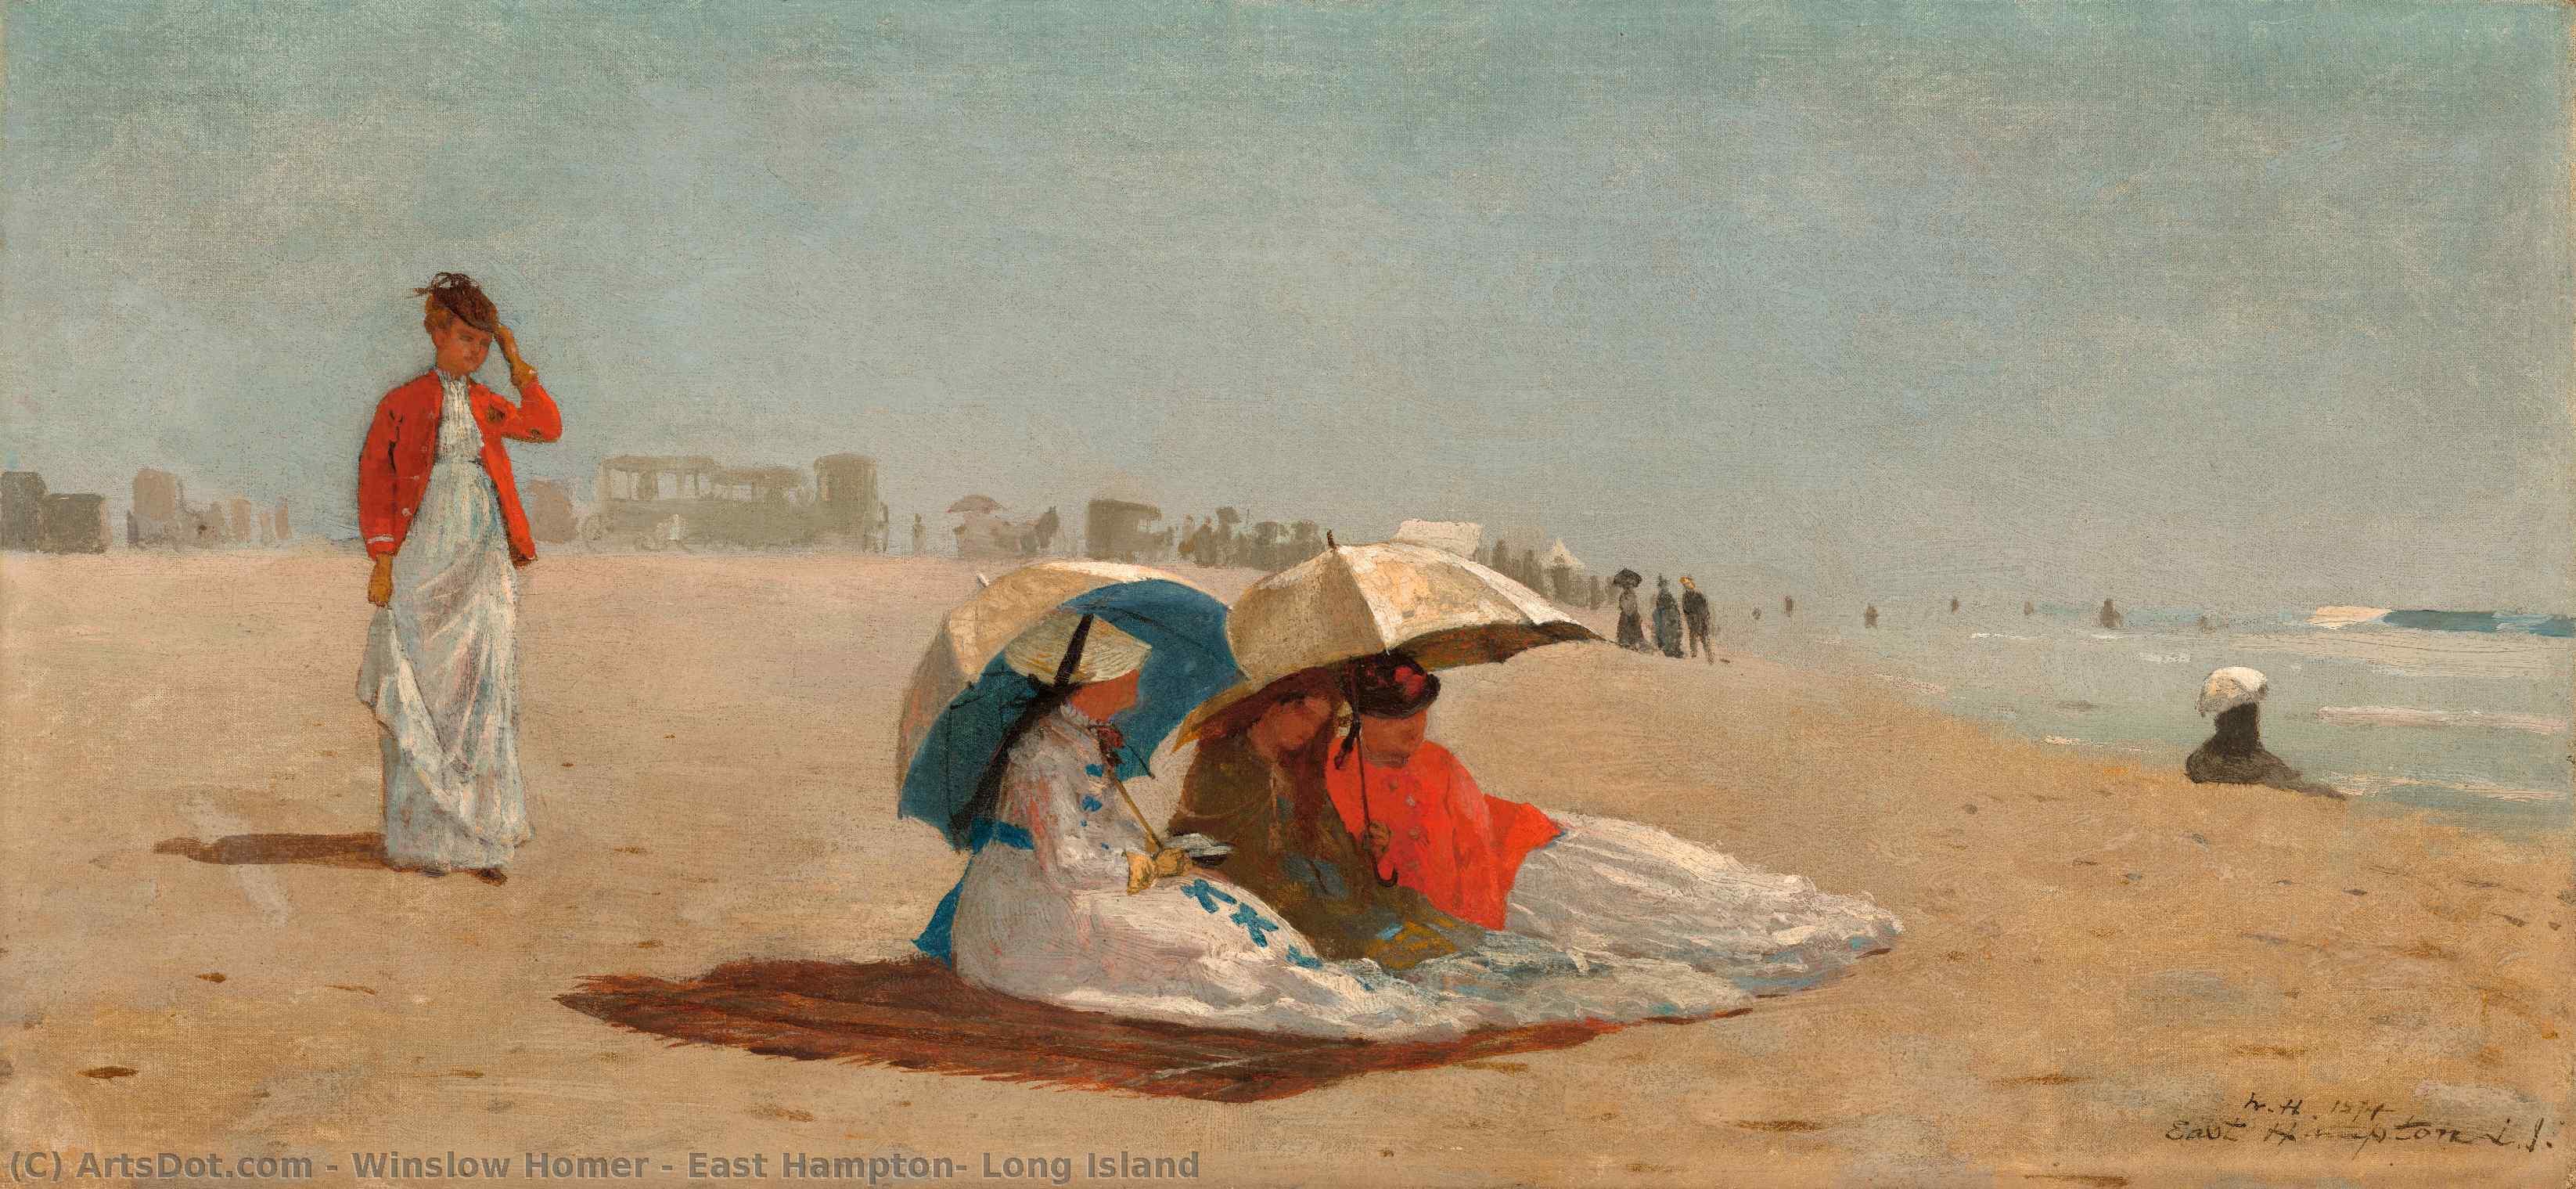 Wikioo.org – La Enciclopedia de las Bellas Artes - Pintura, Obras de arte de Winslow Homer - hampton east largos  Isla